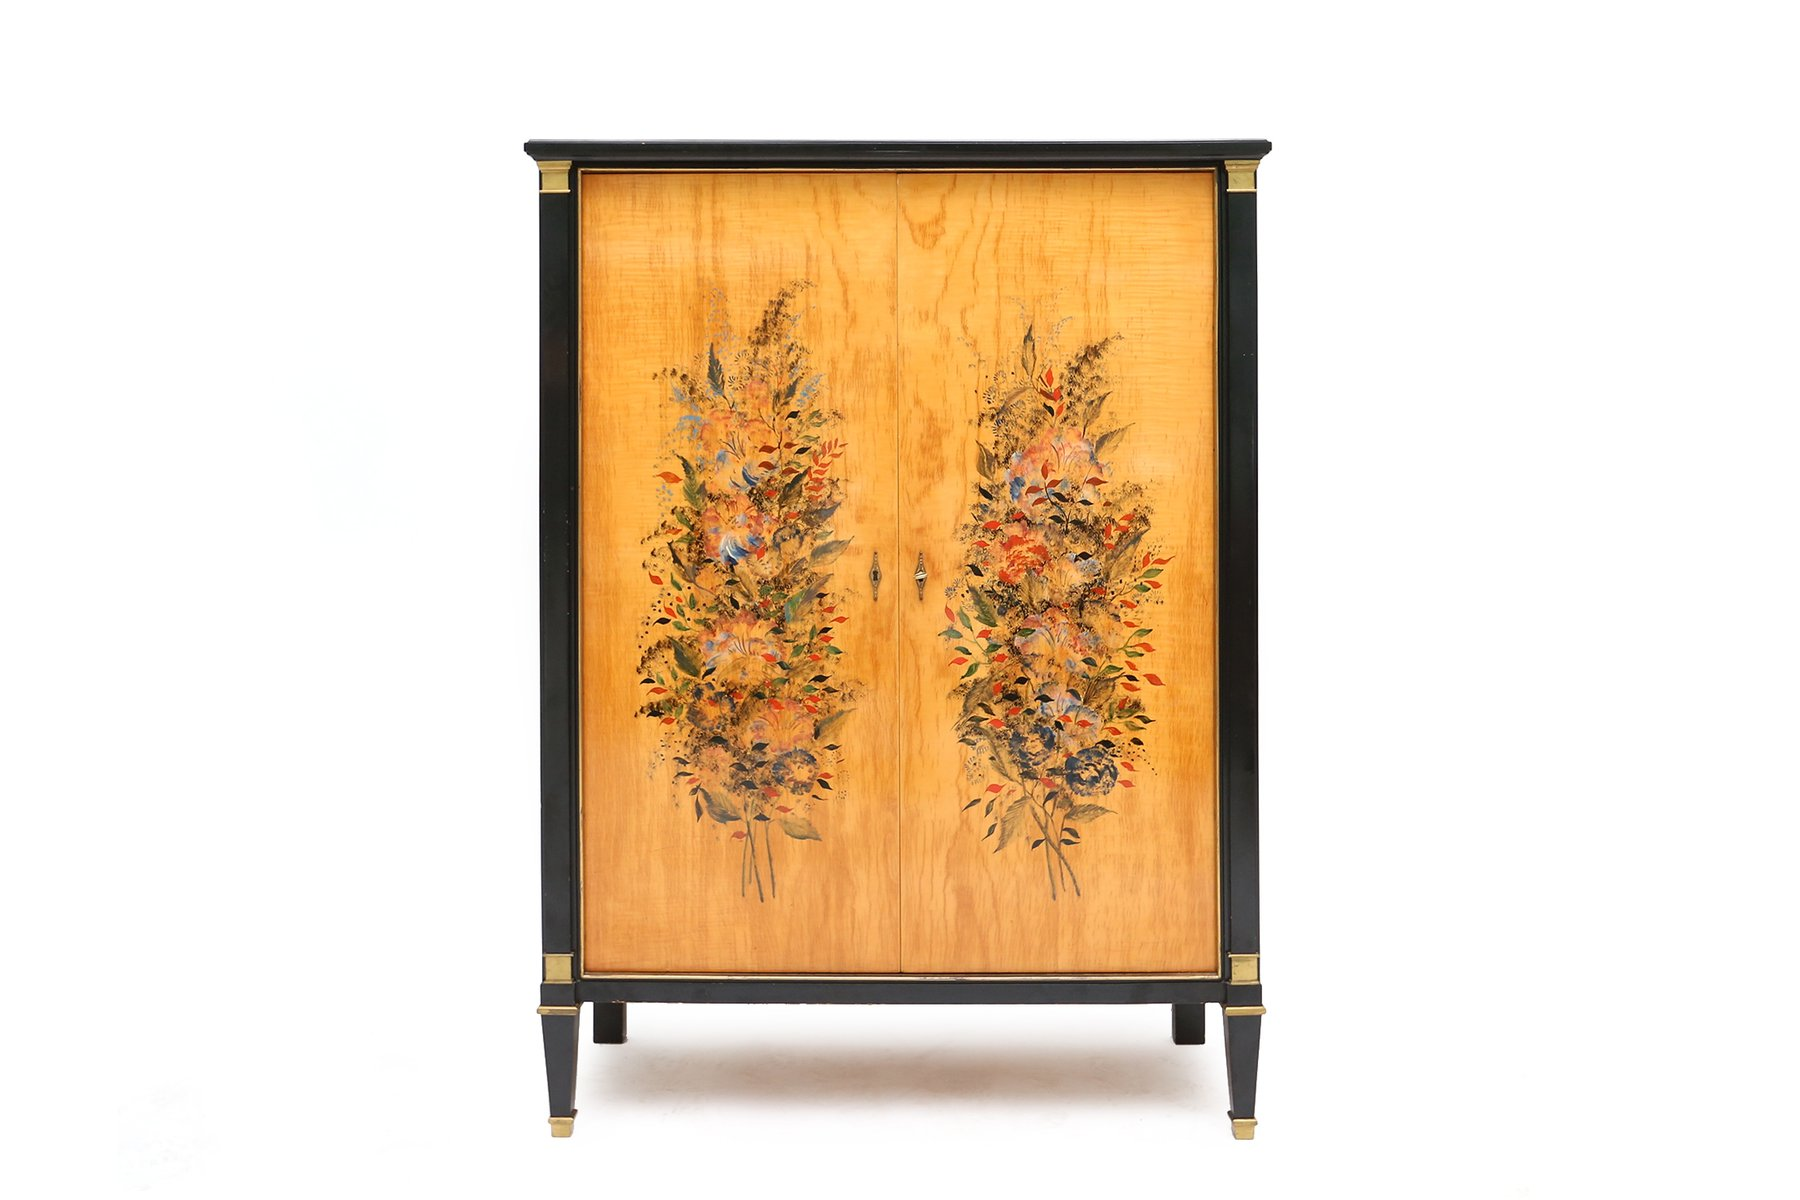 armoire art d co par paul vandenbulcke pour de coene 1948 en vente sur pamono. Black Bedroom Furniture Sets. Home Design Ideas